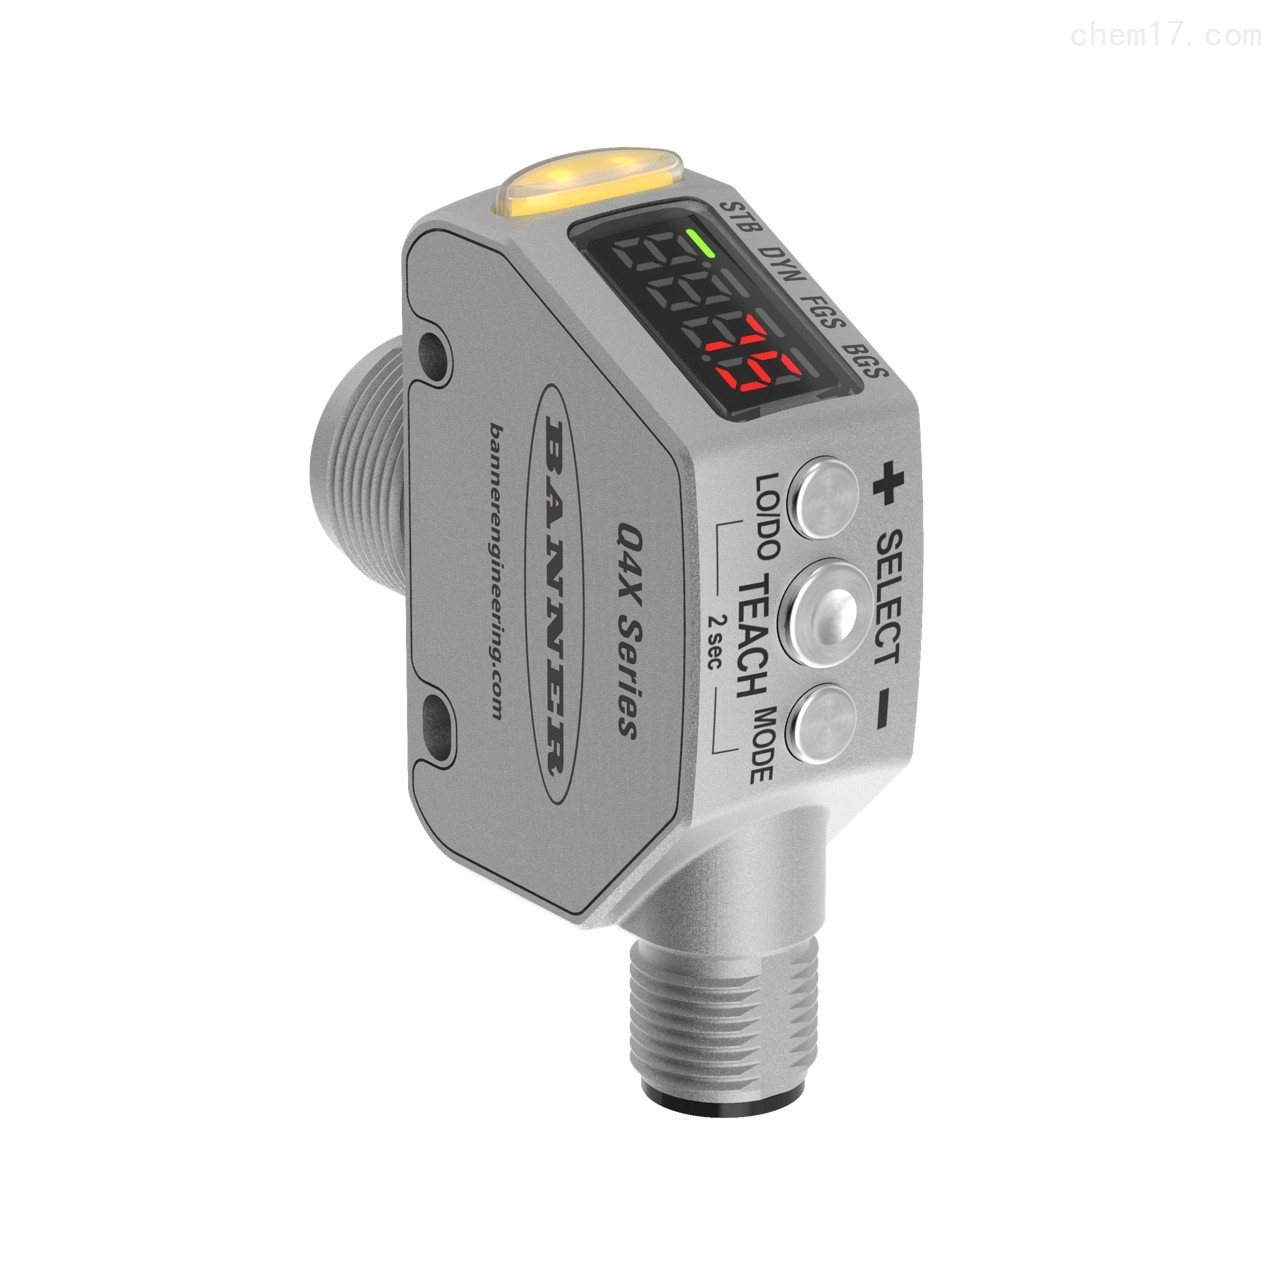 BANNER邦纳坚固的激光距离传感器